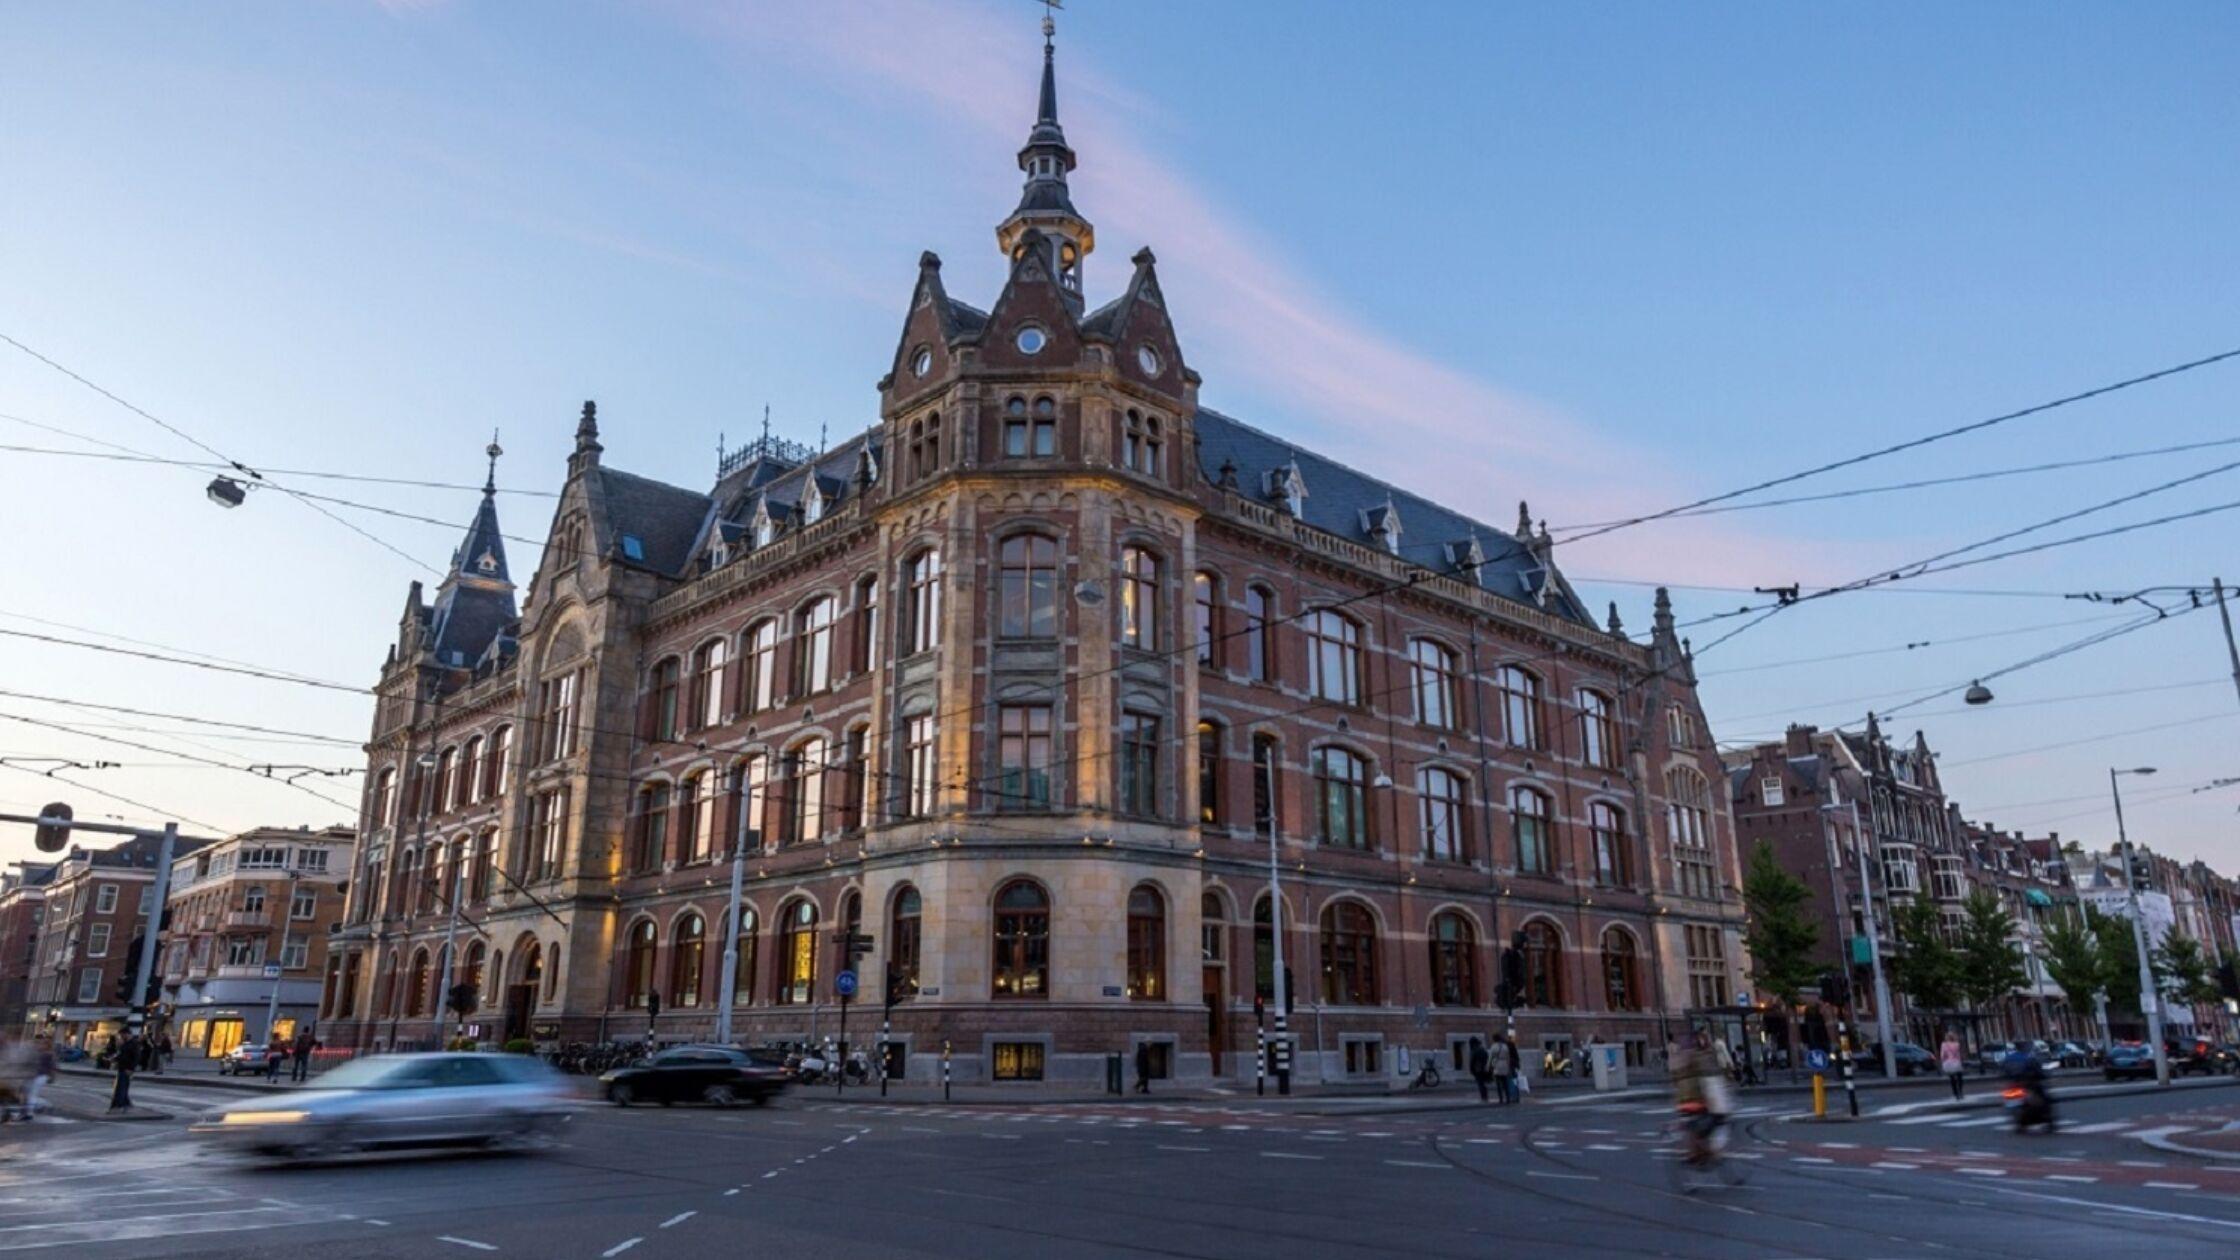 In stilte Amsterdam verkennen tijdens Silent Night Run – Premium Edition